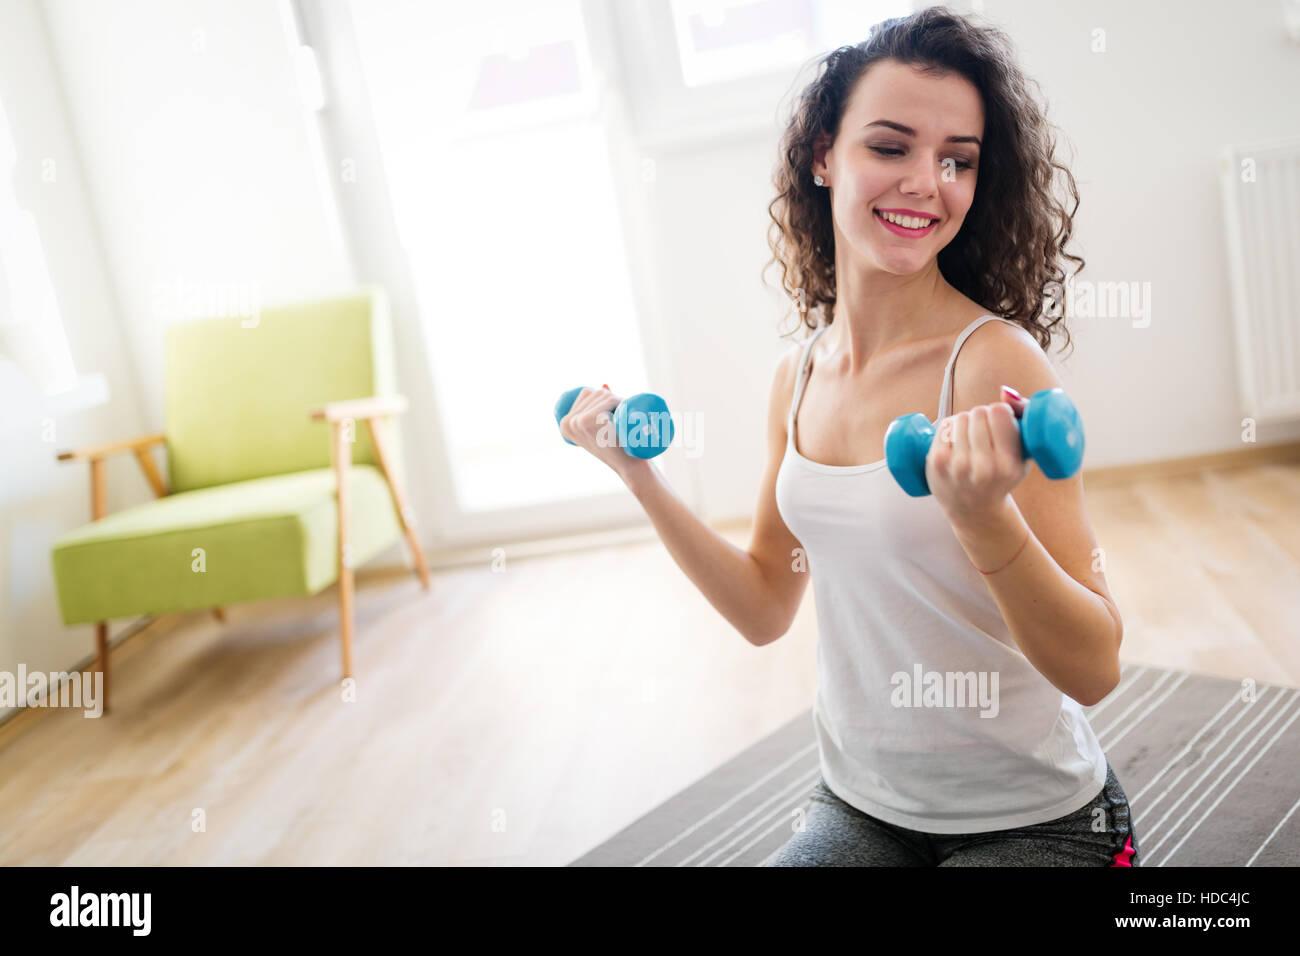 Belle femme sportive exerçant à la maison pour rester en forme Photo Stock